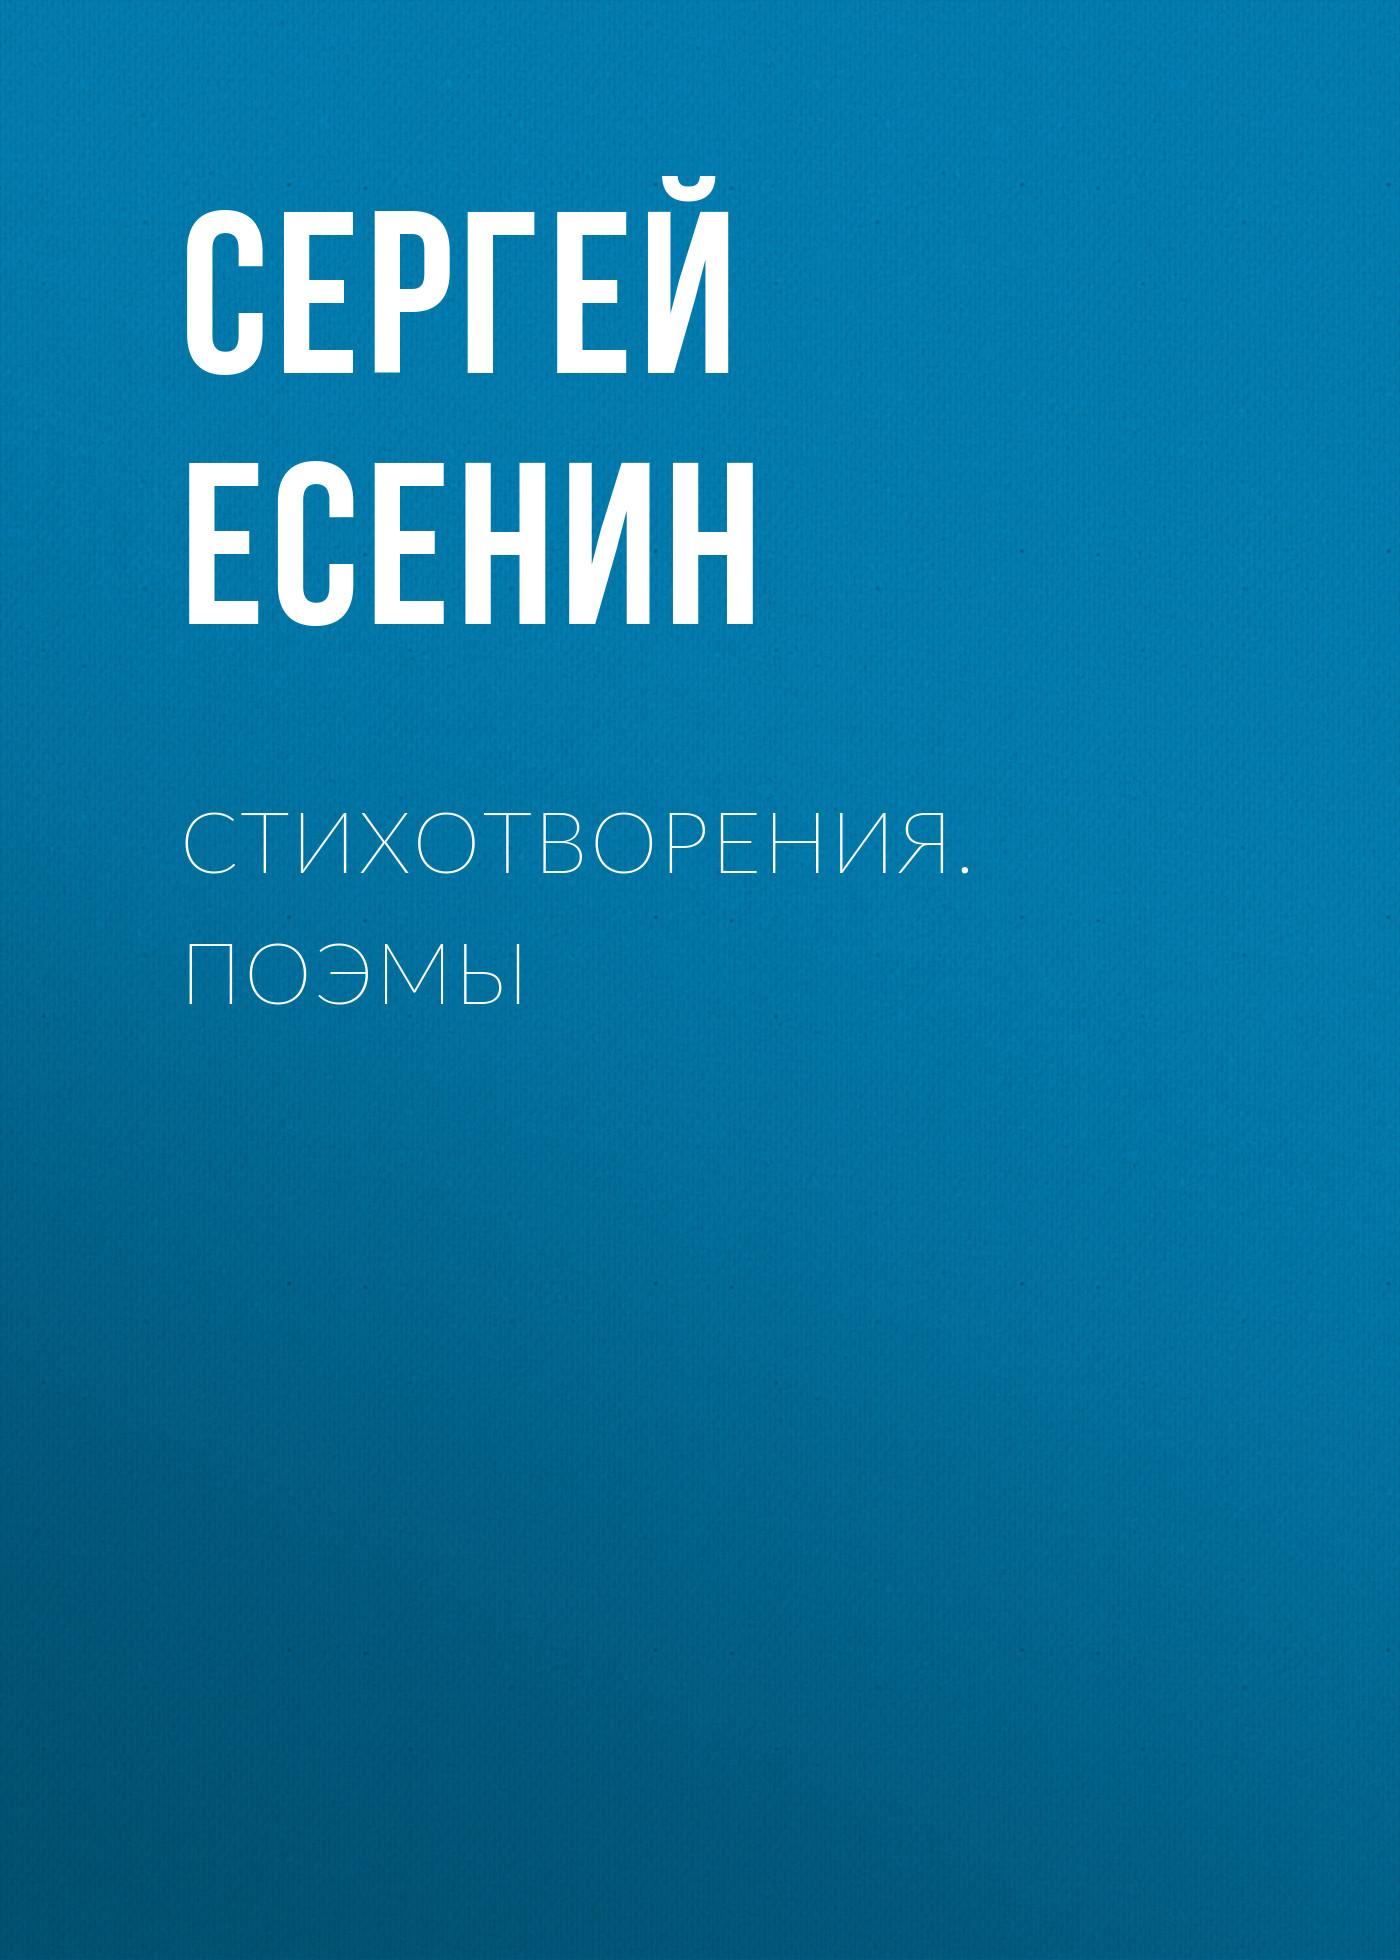 Сергей Есенин Стихотворения. Поэмы цена 2017